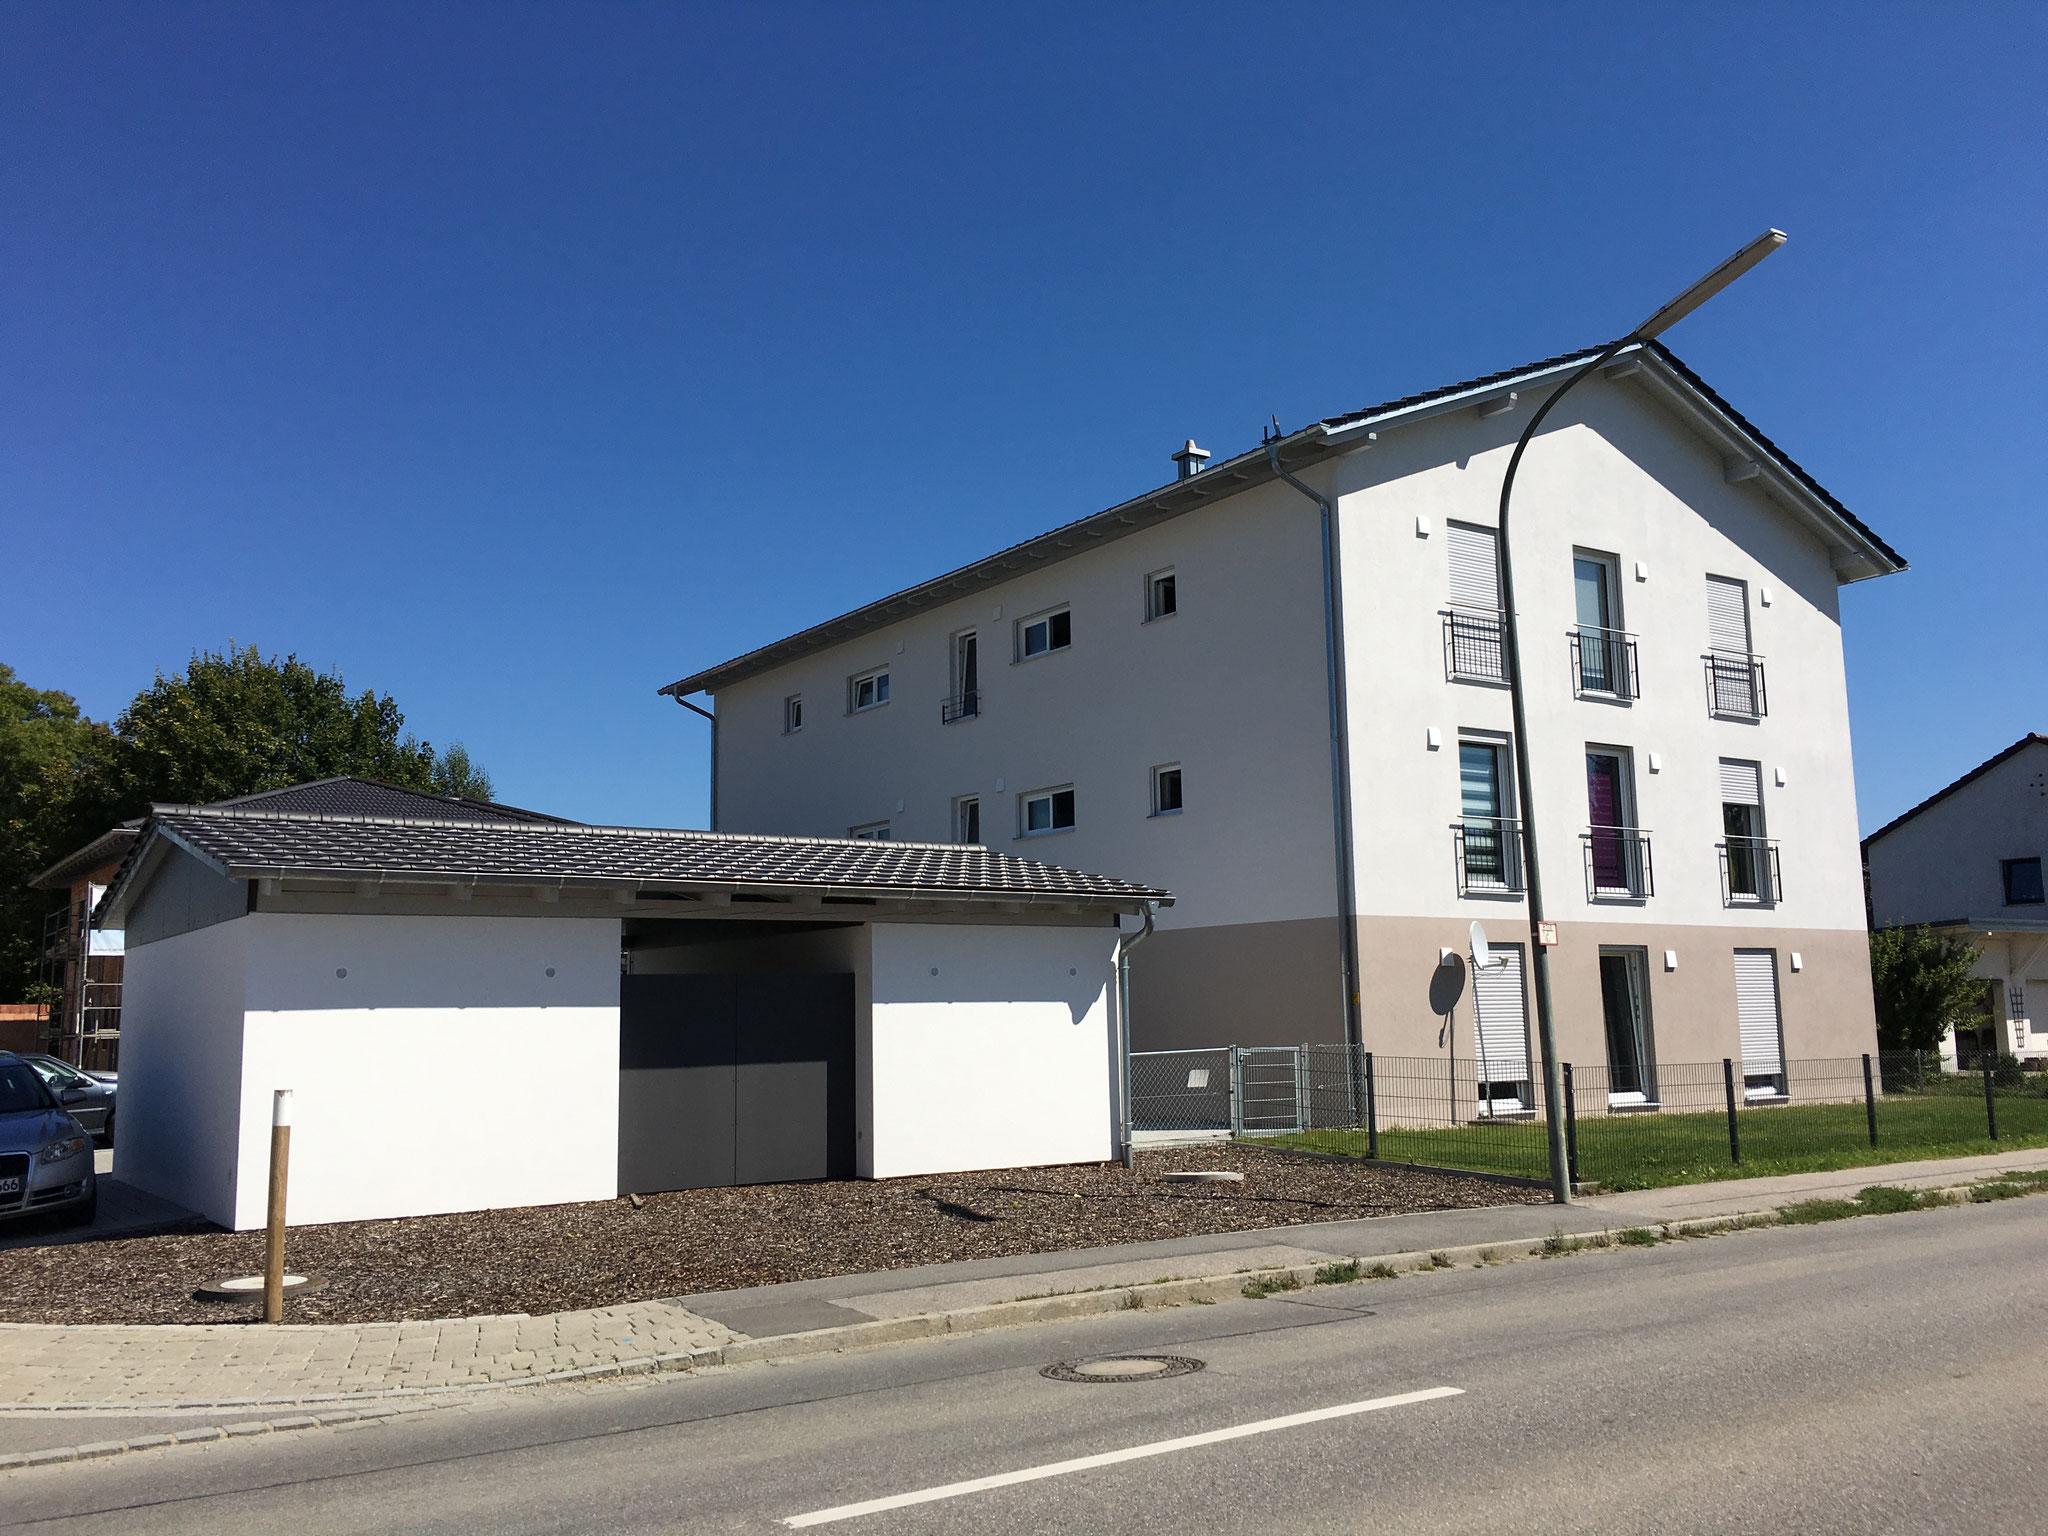 Neubau von 2 Mehrfamilienwohnhäusern mit 6 Wohneinheiten, Niederaichbach 2016 - Gebäude 1